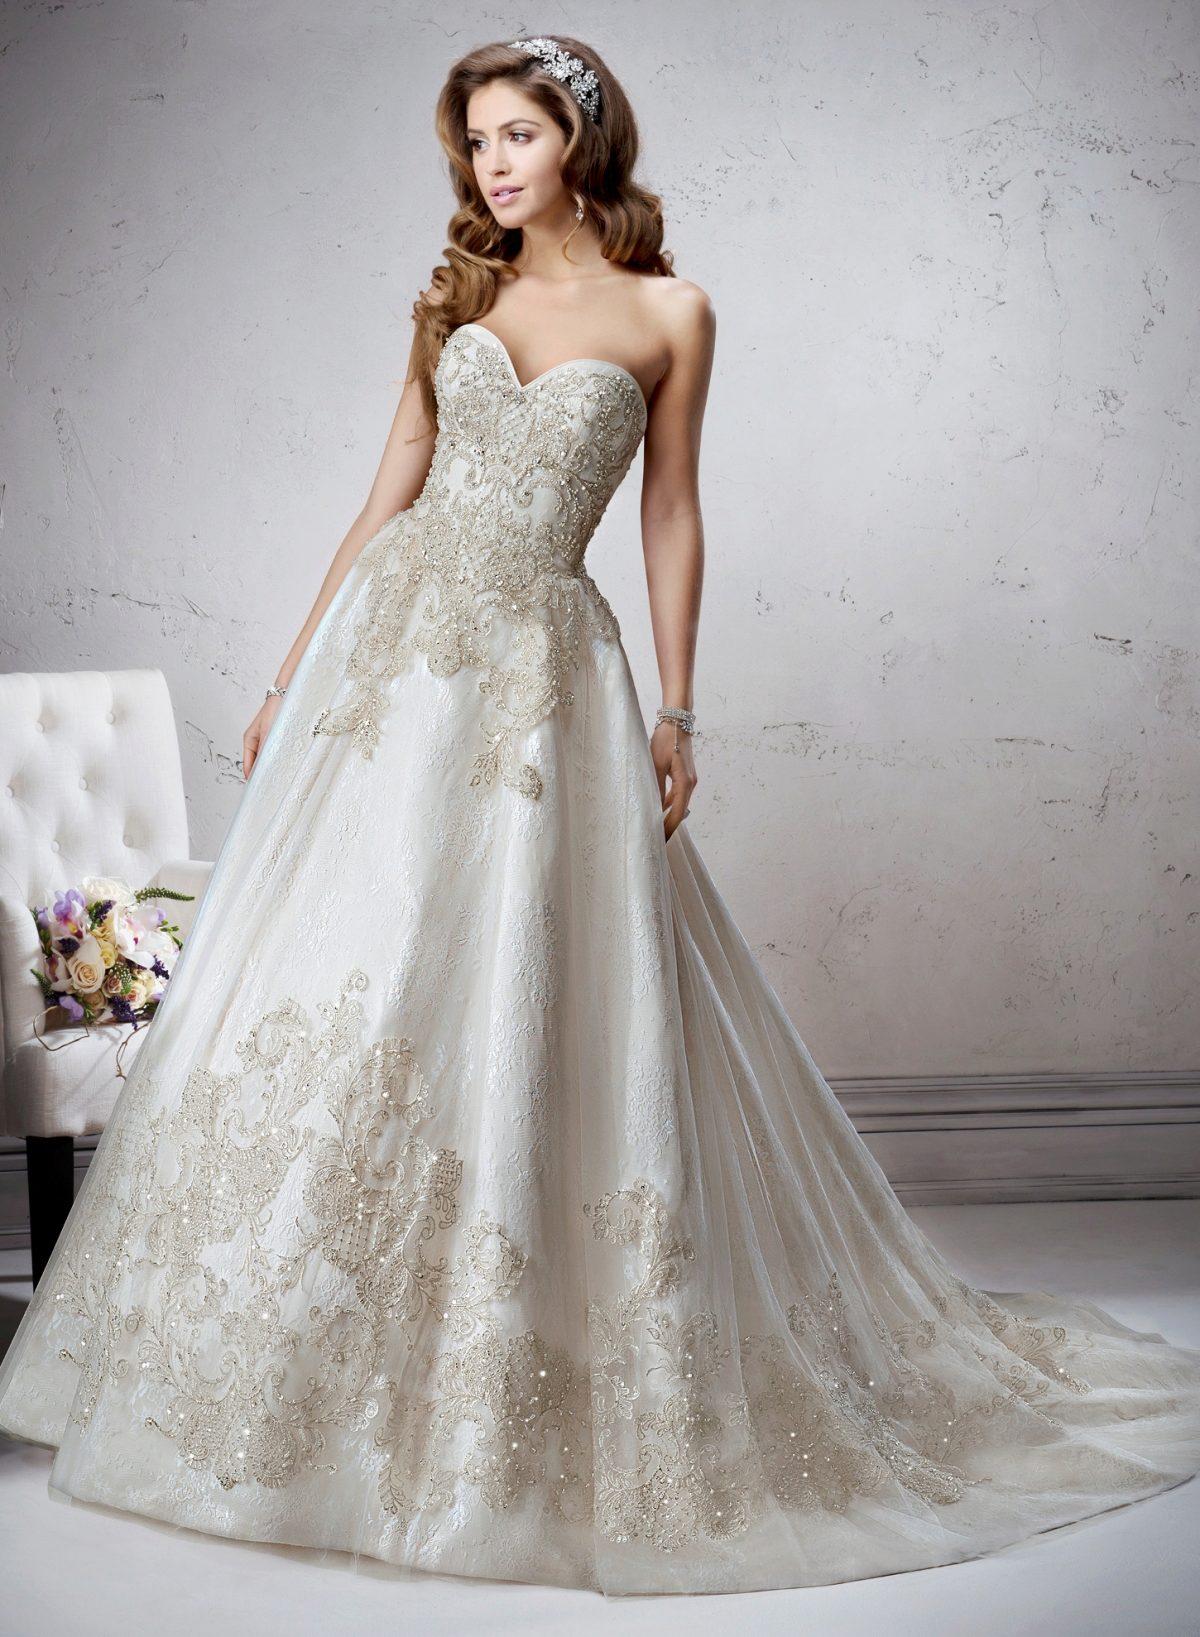 Арендой свадебных нарядов занимаются специализированные салоны. Их посещение лучше организовать с подругой или близкой родственницей